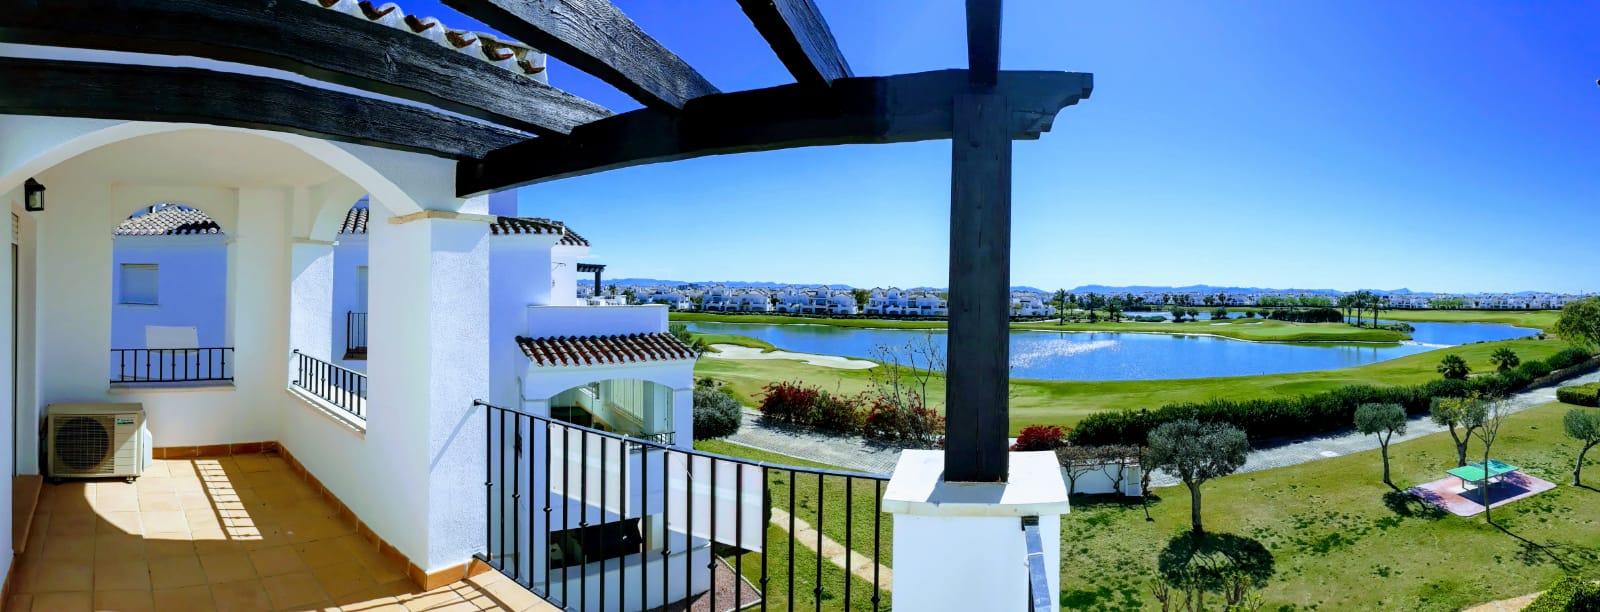 Ático en La Torre Golf Resort